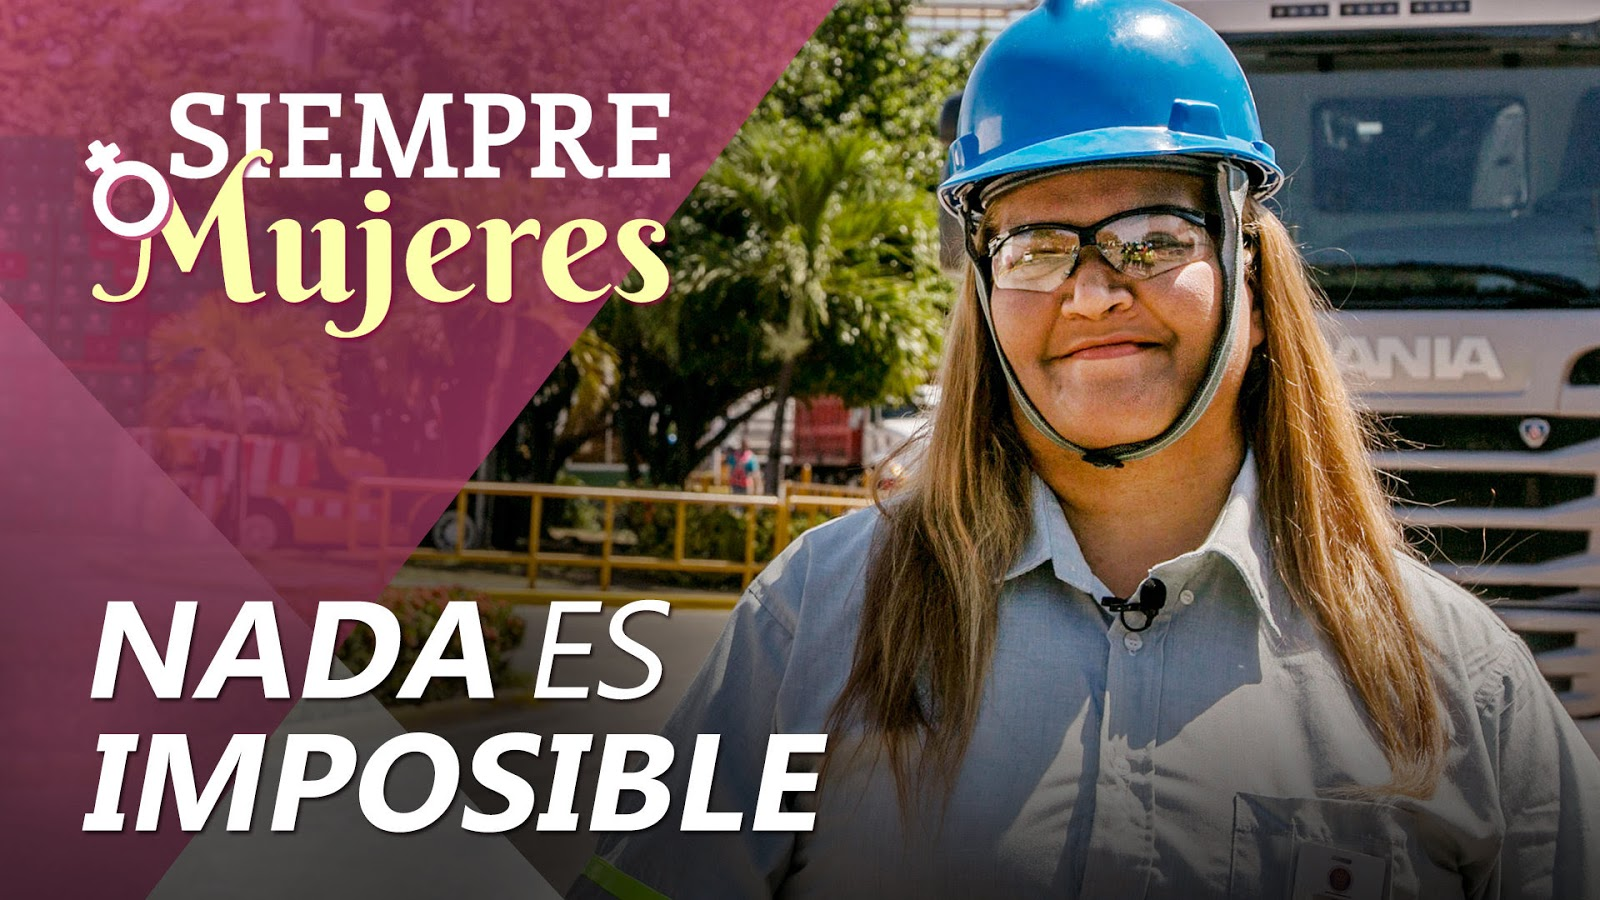 VIDEO: Nada es Imposible